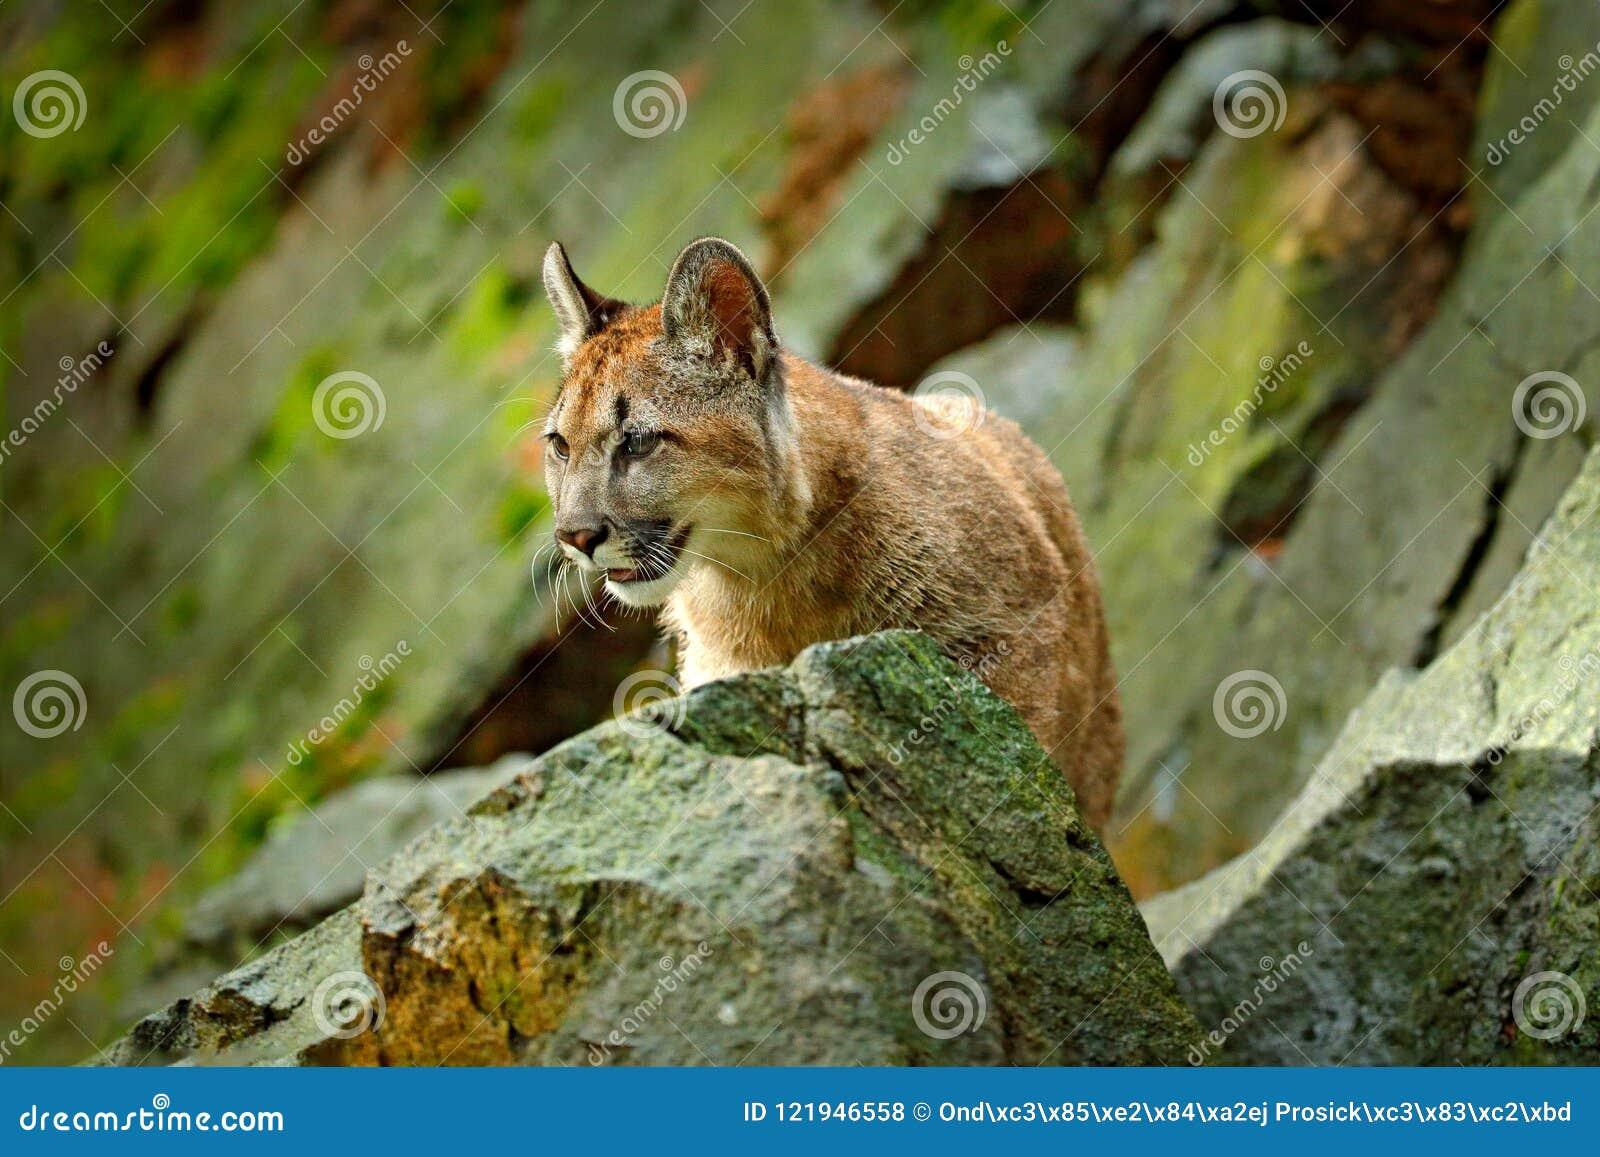 Wilder große Katze Puma, Puma concolor, verstecktes Porträt des gefährlichen Tieres mit Stein, USA Szene der wild lebenden Tiere